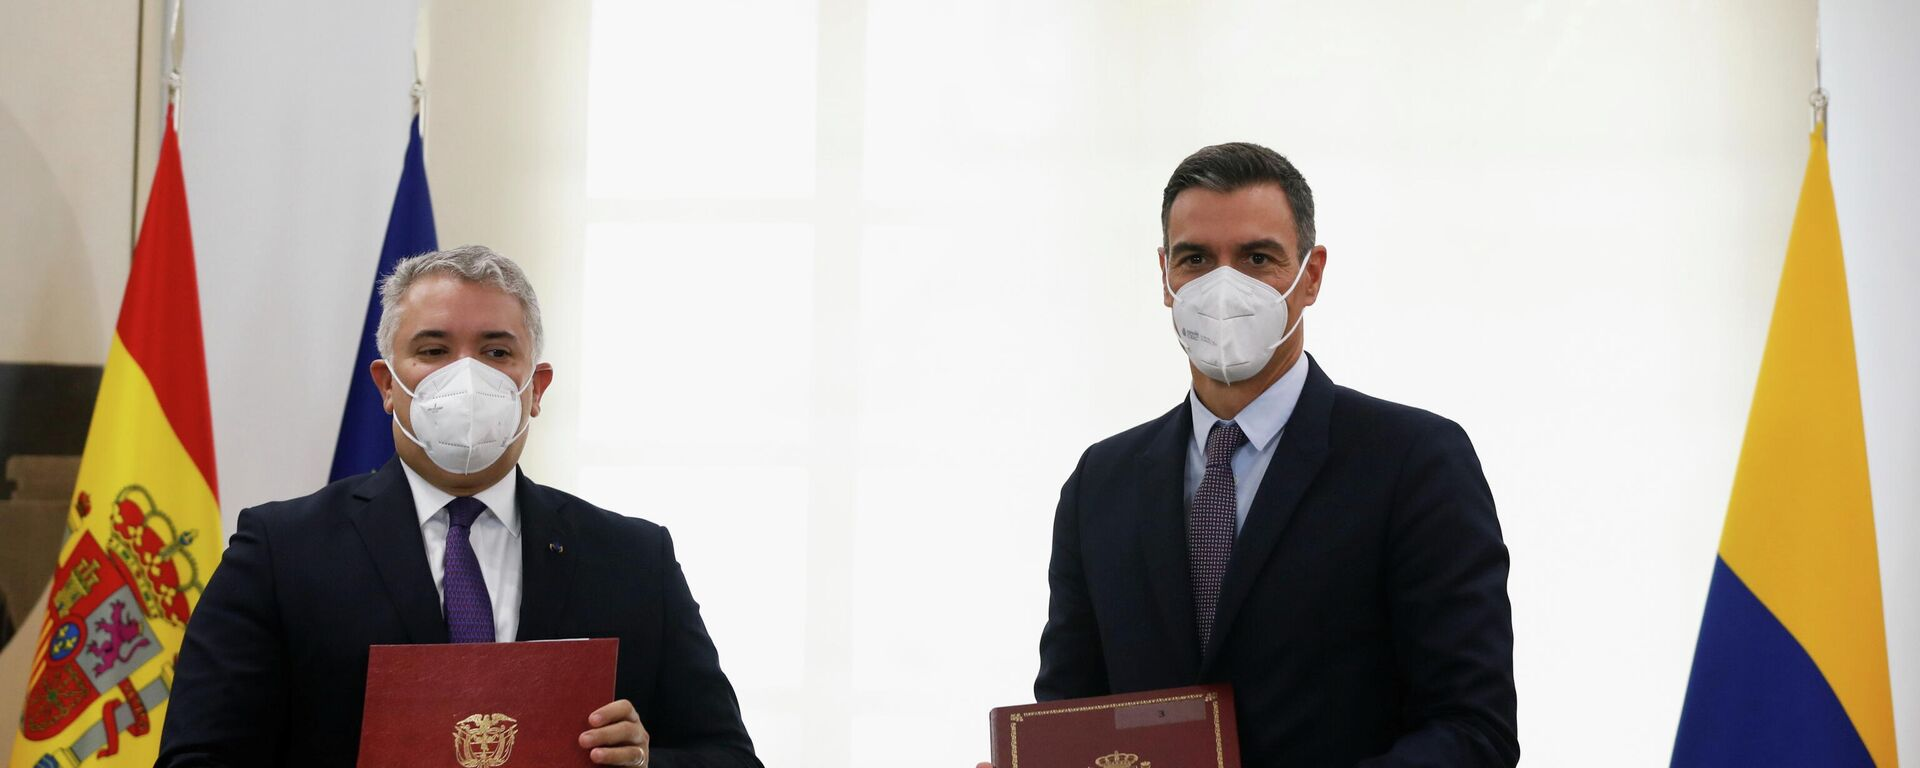 El mandatario de Colombia, Iván Duque, y el presidente del Gobierno español, Pedro Sánchez - Sputnik Mundo, 1920, 16.09.2021